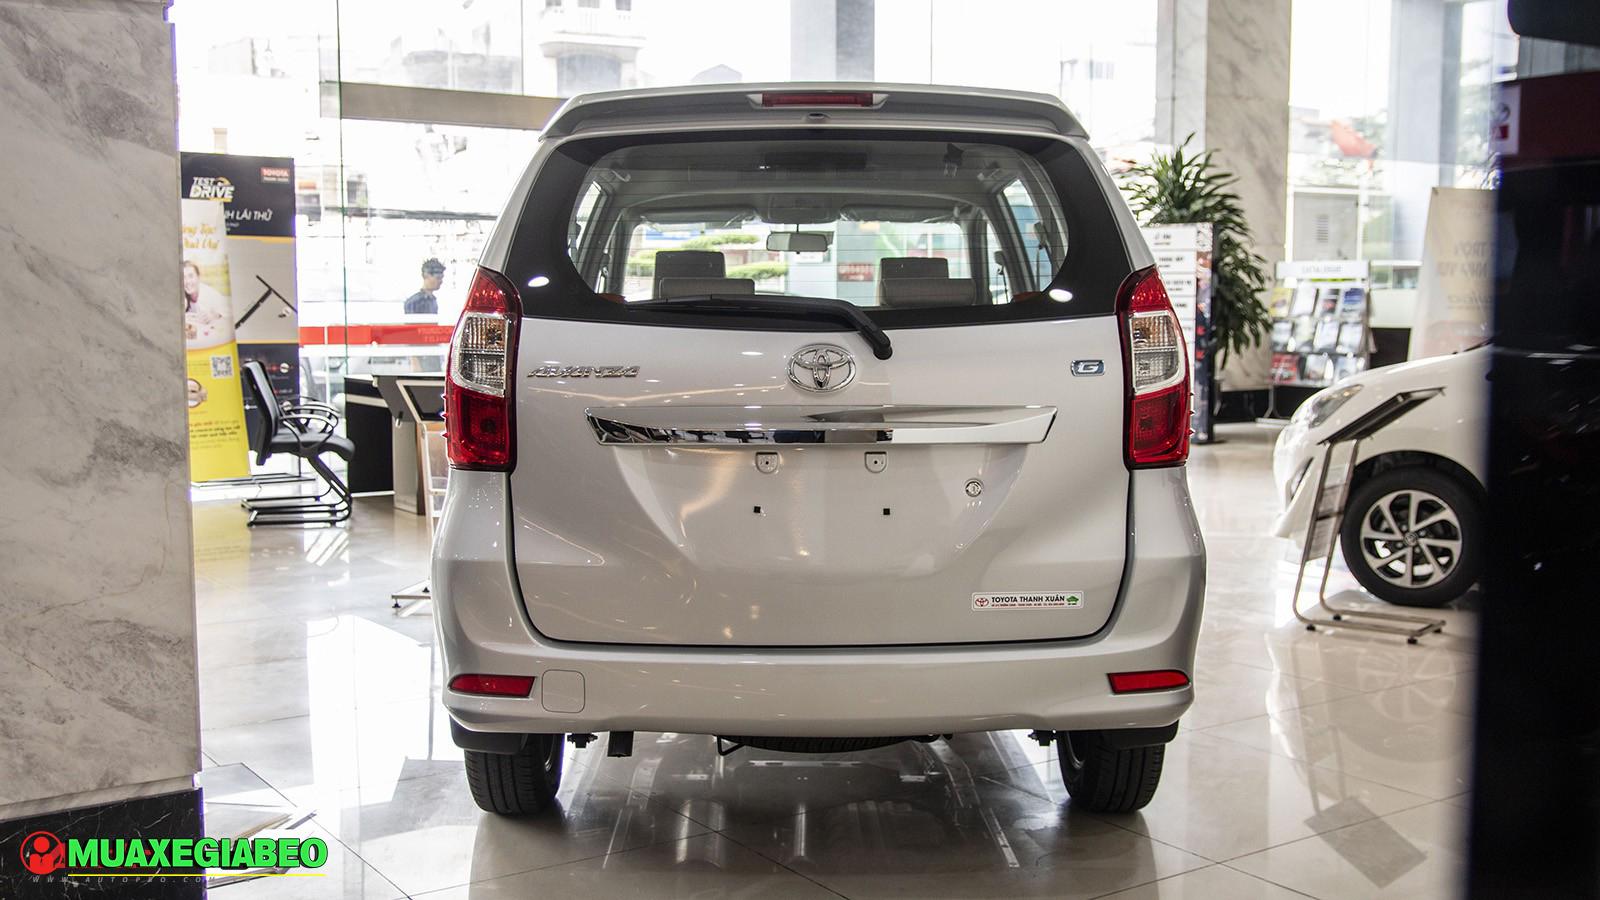 Đánh giá xe Toyota Avanza ảnh 18 - Toyota Avanza: thông số và giá xe tháng [hienthithang]